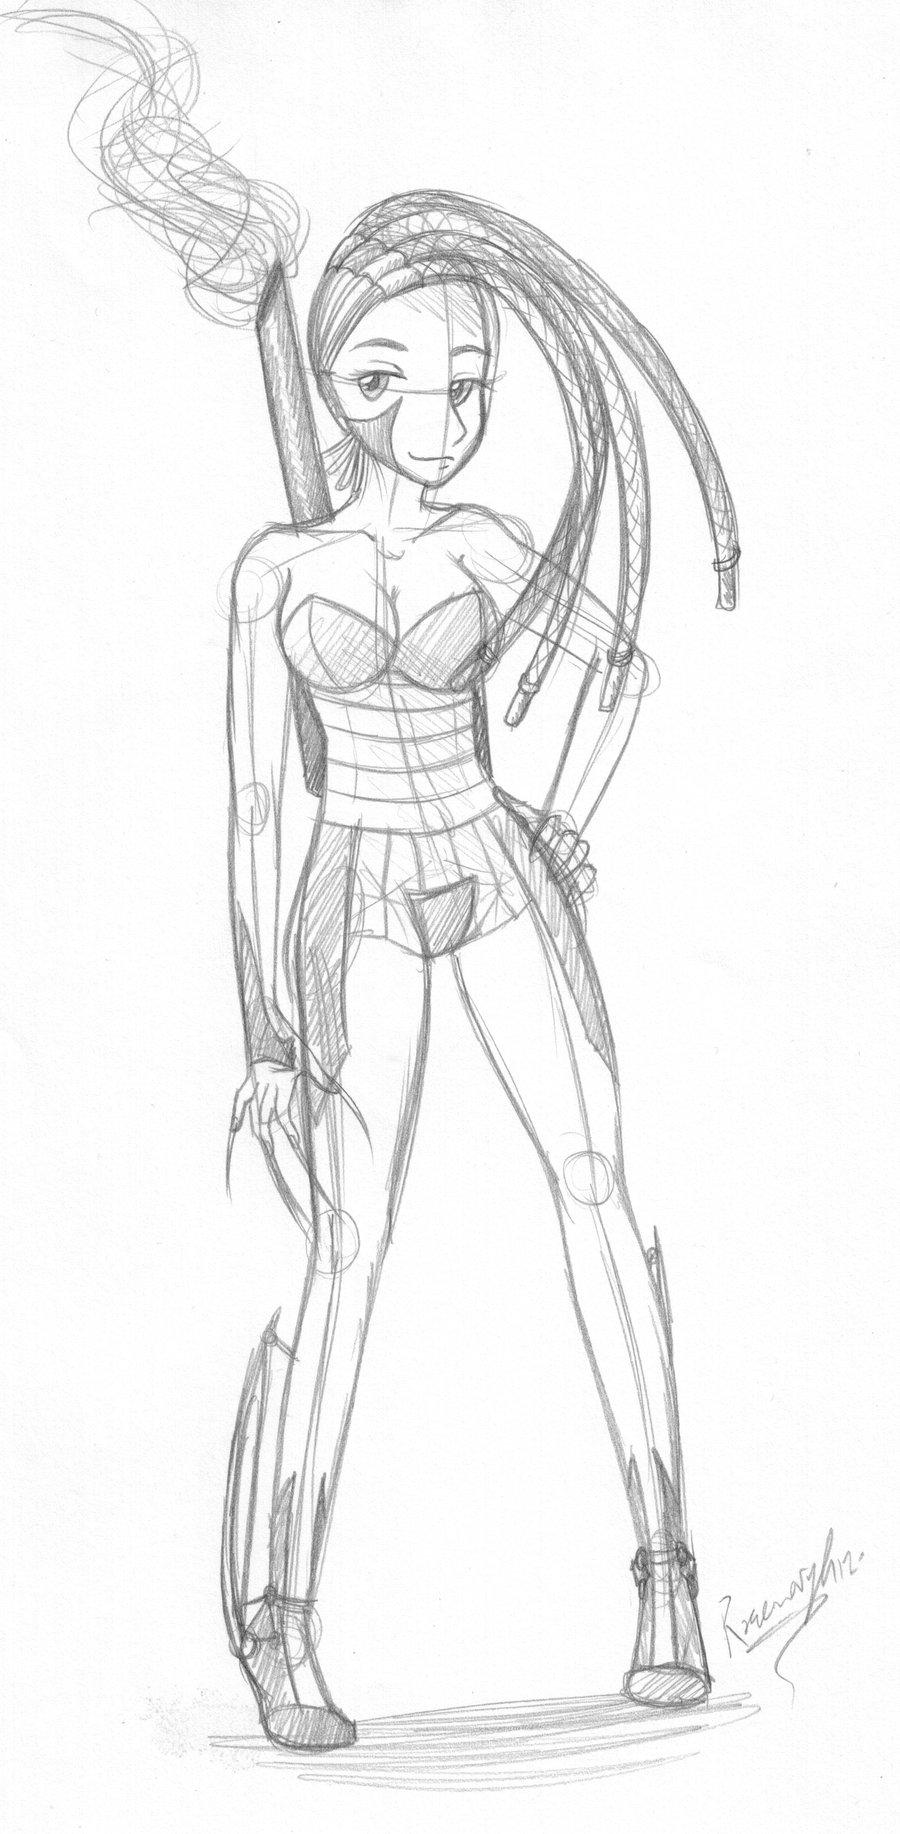 900x1834 Cyborg Girl Sketch By Alexfan101